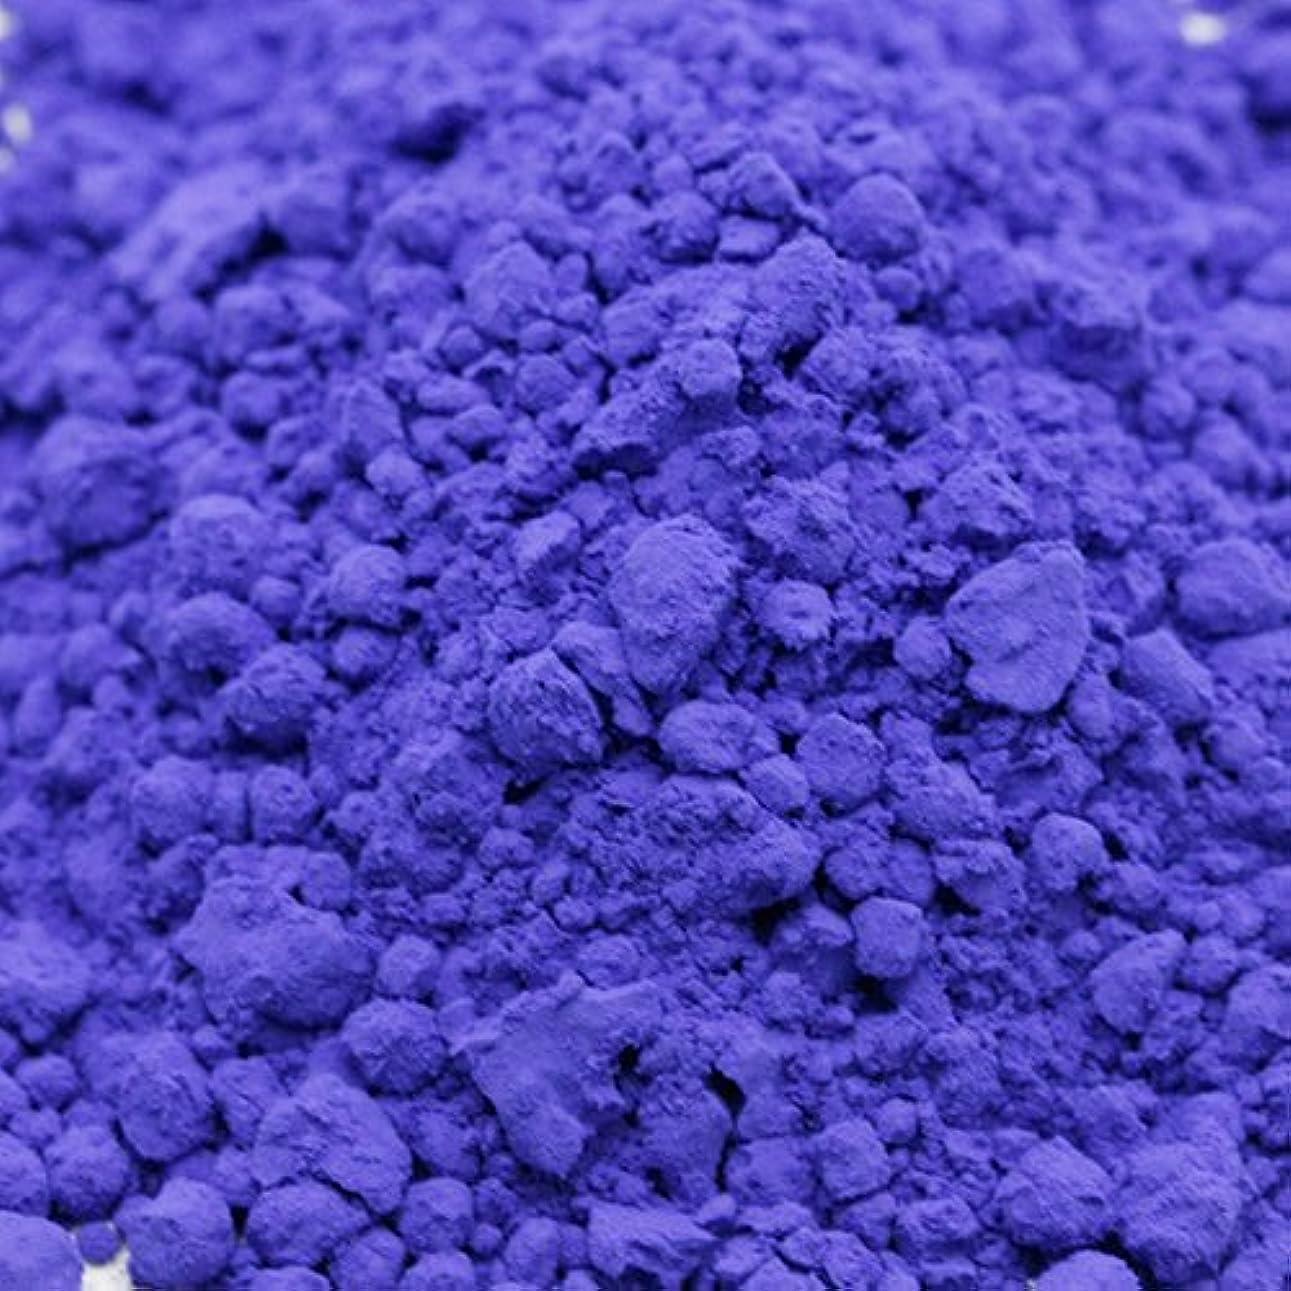 キャンディカラー ブルー 5g 【手作り石鹸/手作りコスメ/色付け/カラーラント/ブルー】